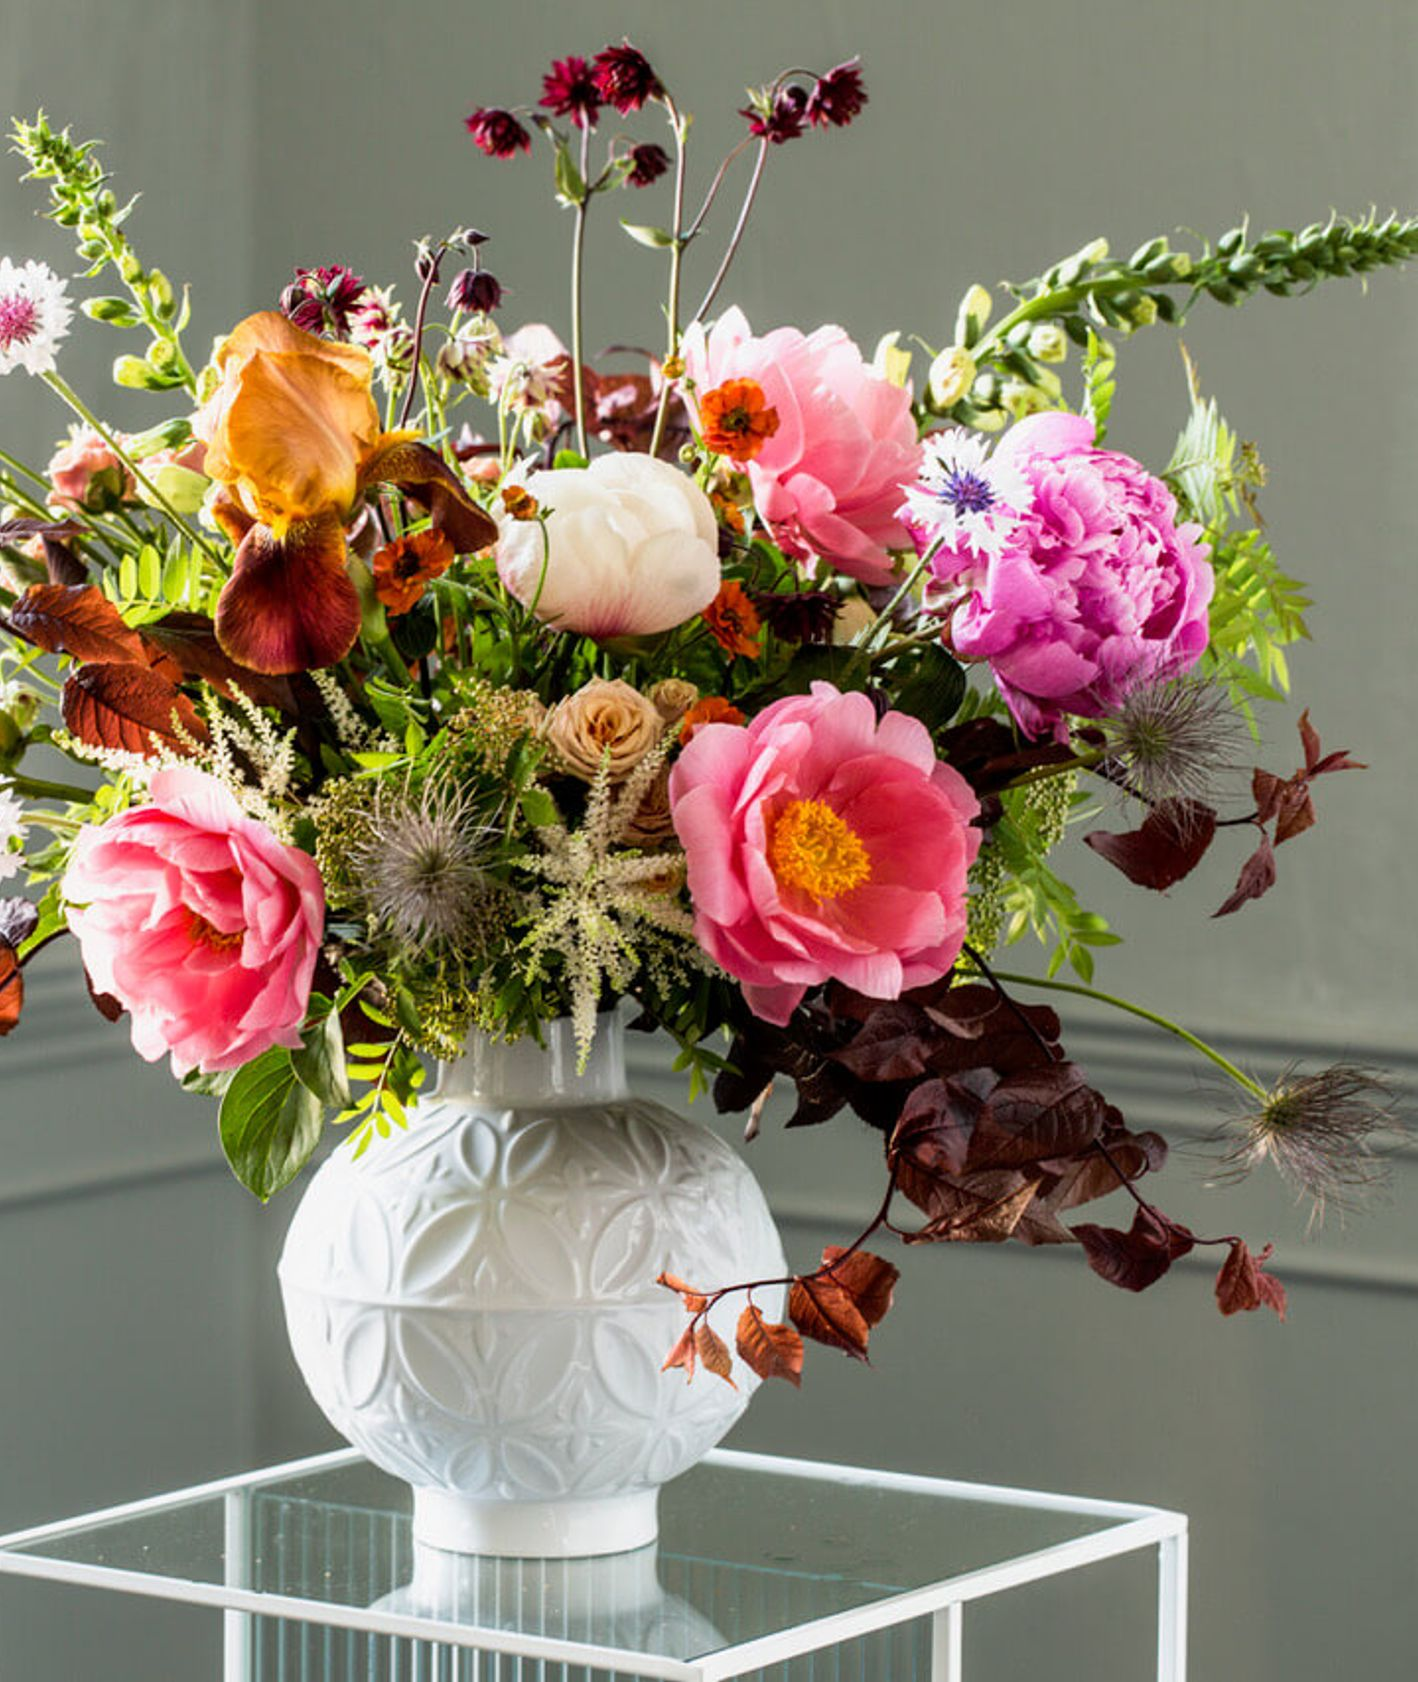 Bukiet kwiatów wiosennych